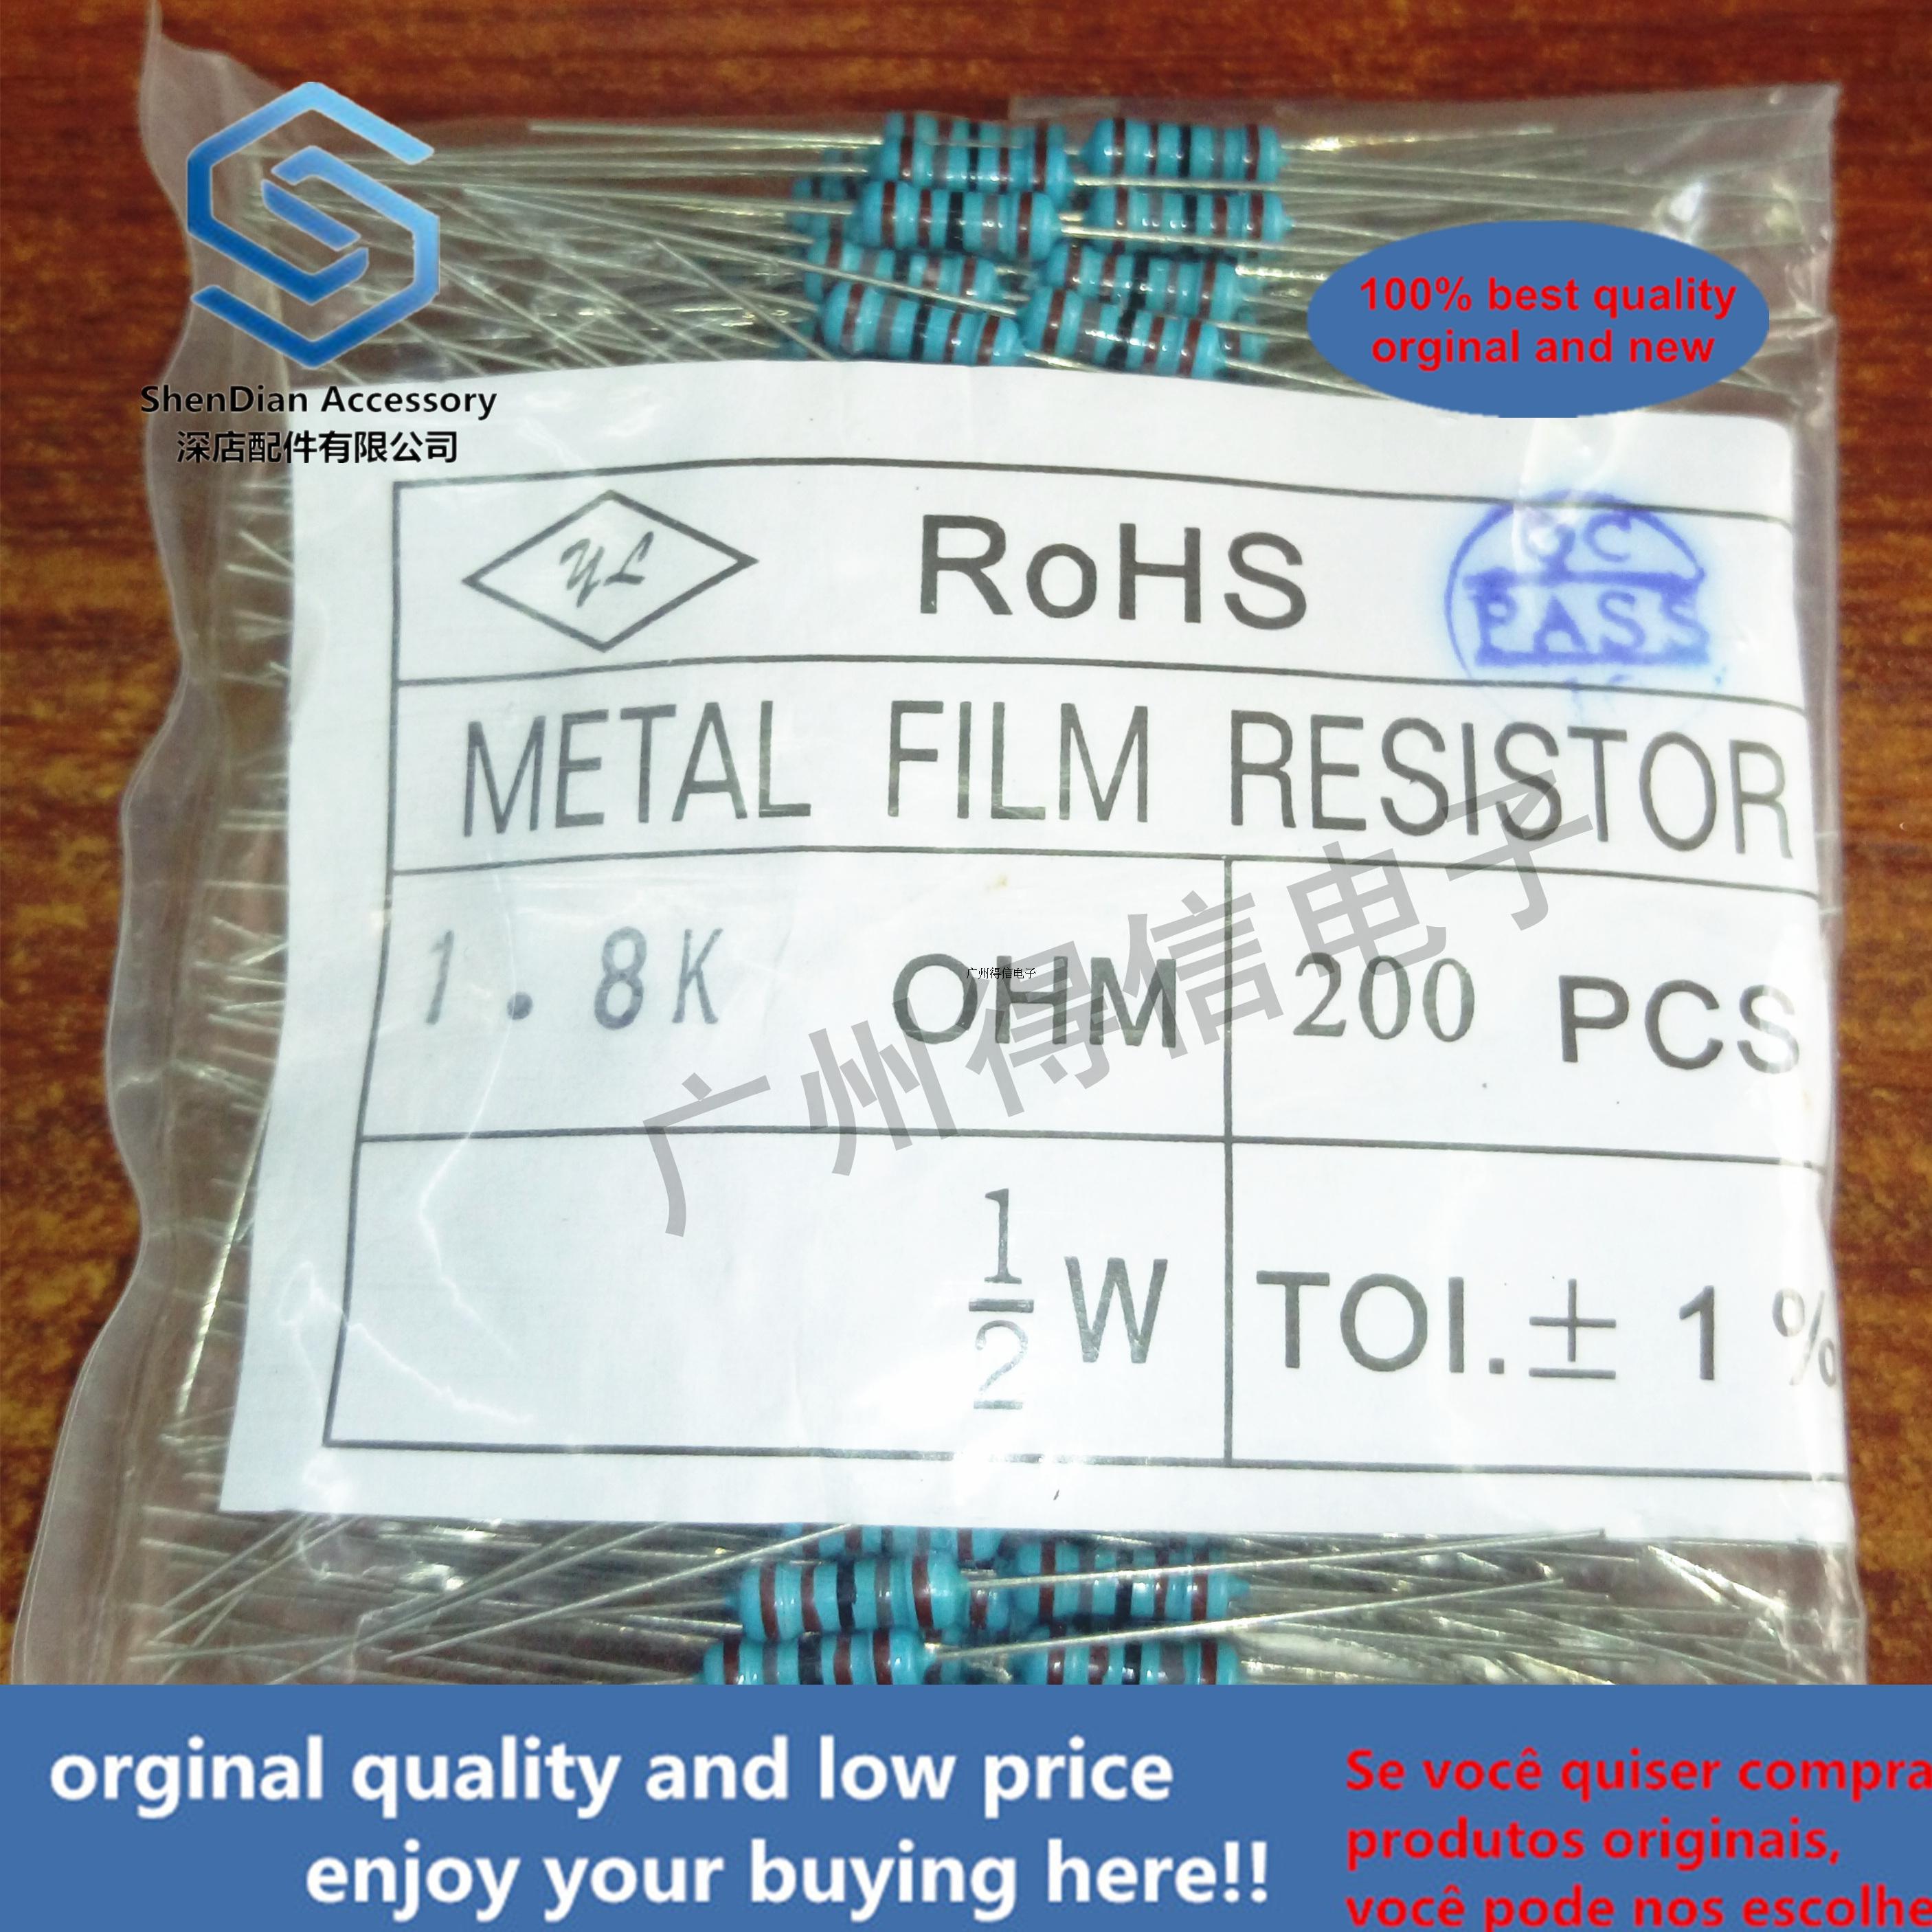 200pcs 1 / 2W 820R 820 Euro 1% Brand New Metal Film Iron Foot Resistor Bag Pack Of 200